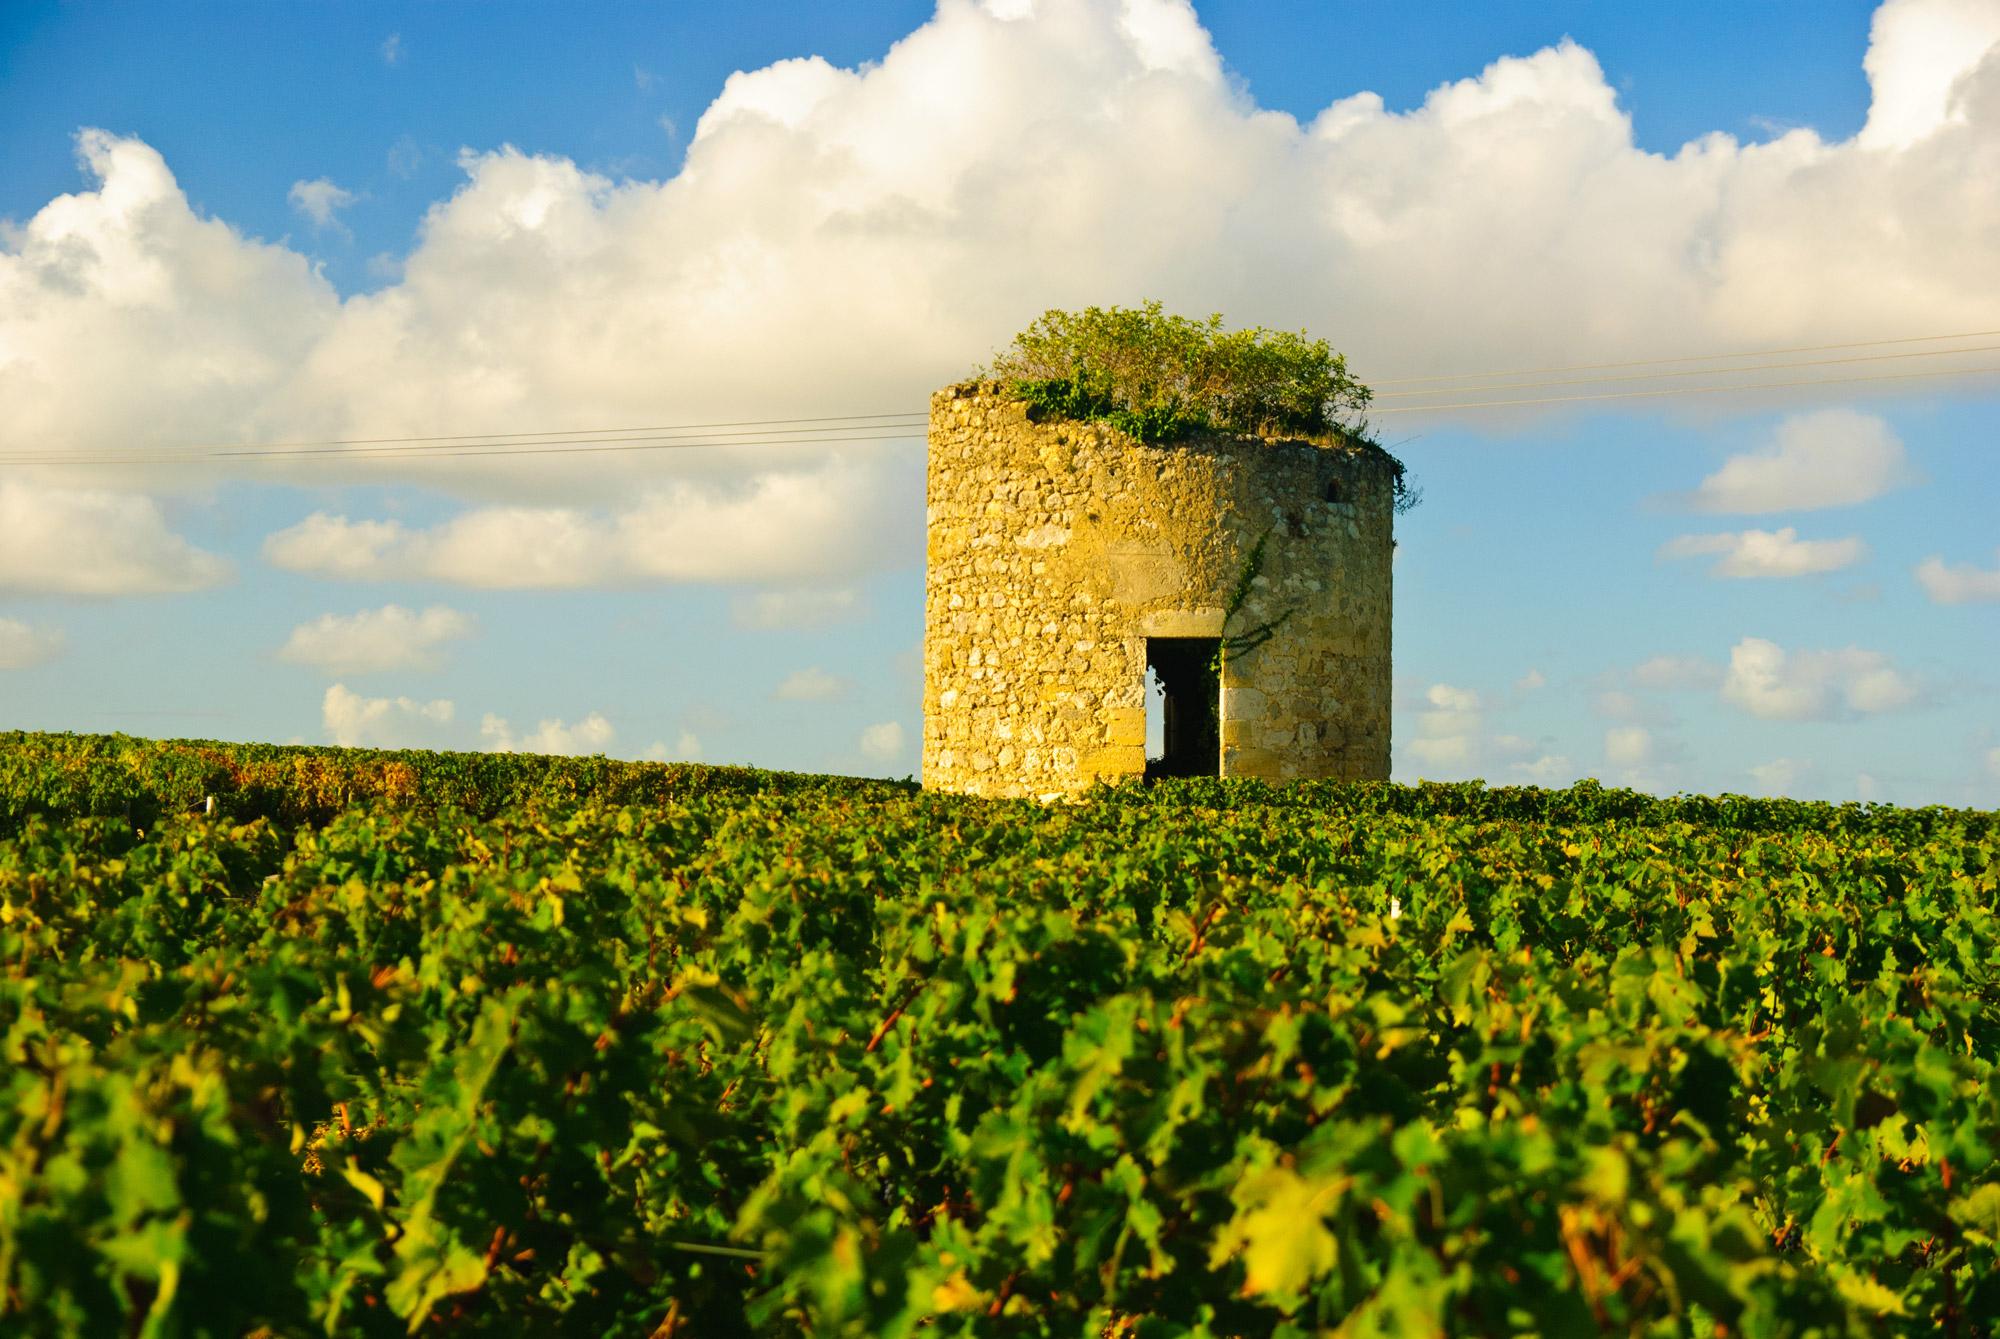 Tour médiévale en ruine sur la route des vins dans les vignobles du Medoc à Bordeaux